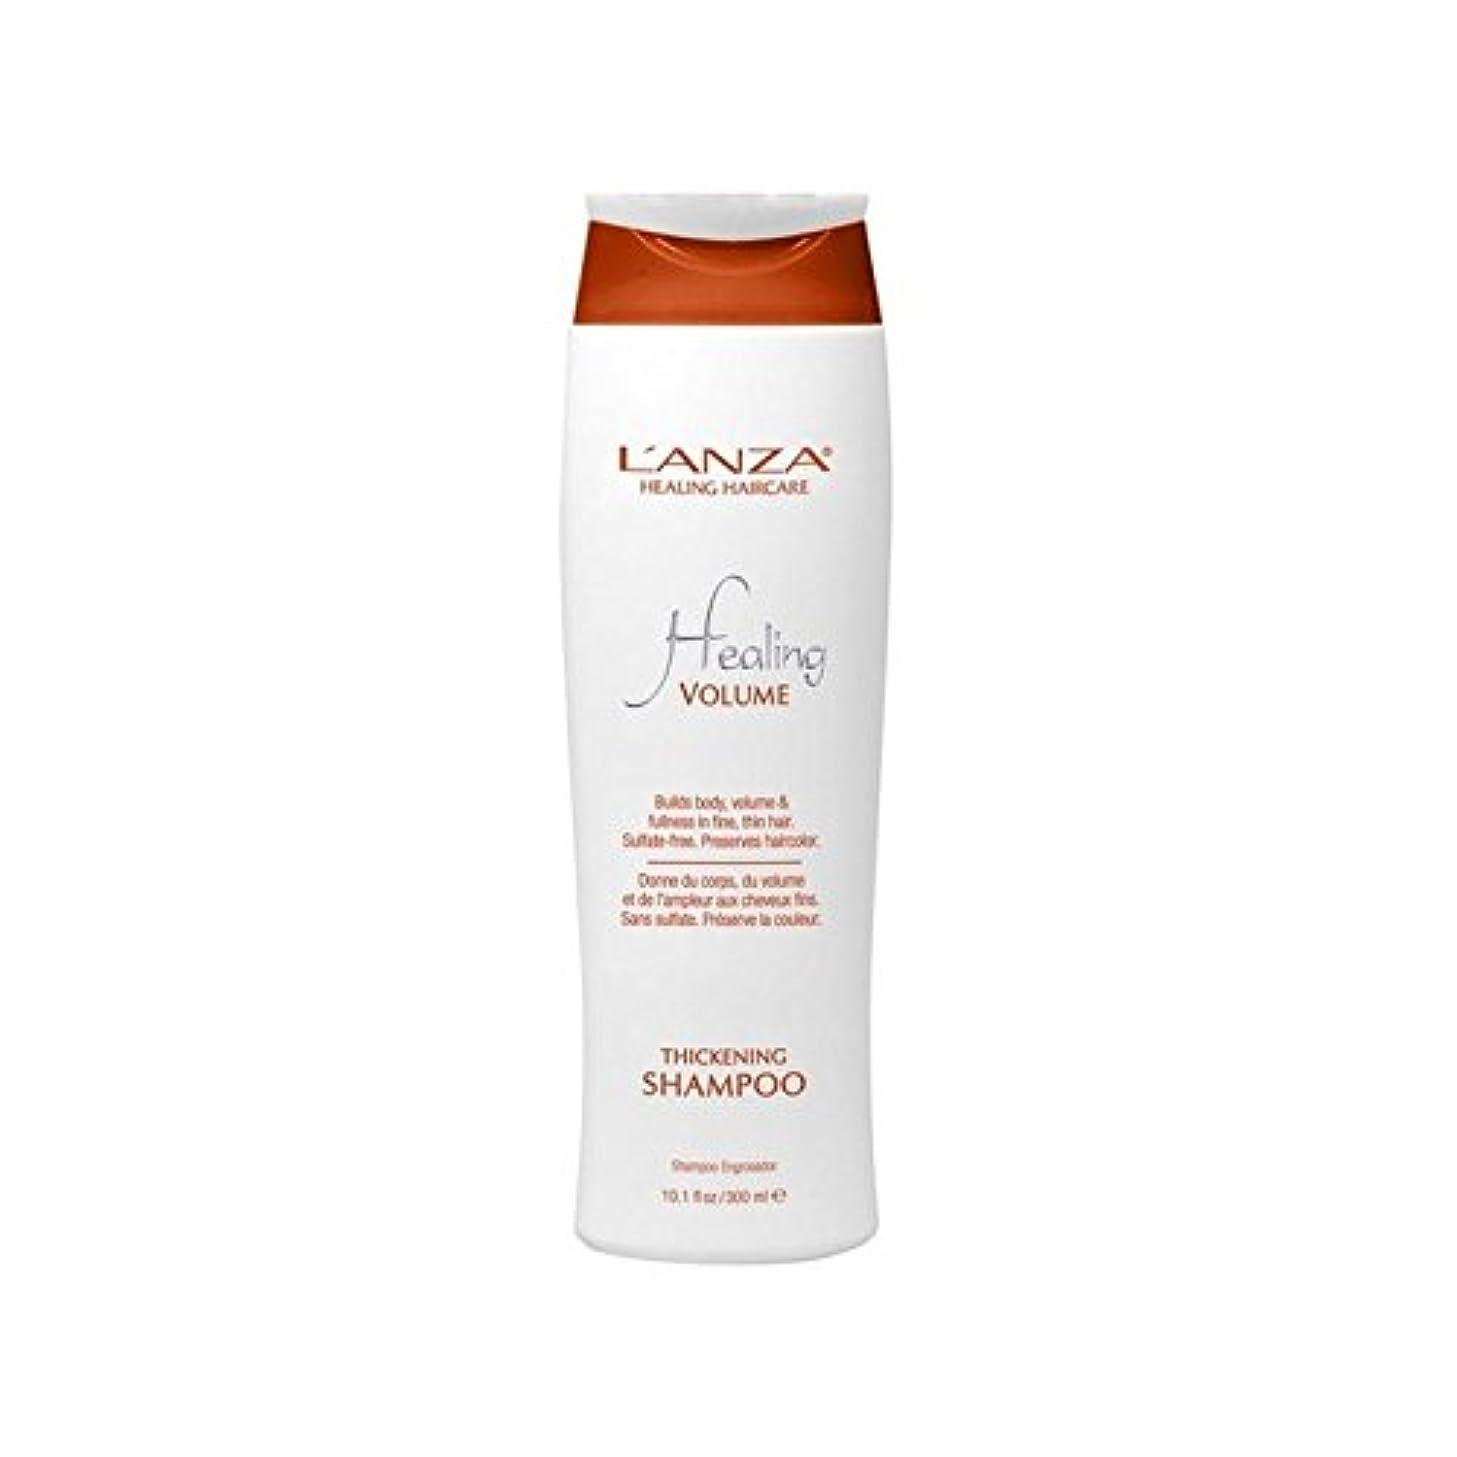 緩めるコインコンベンションL'Anza Healing Volume Thickening Shampoo (300ml) - アンザ癒しのボリューム肥厚シャンプー(300ミリリットル) [並行輸入品]